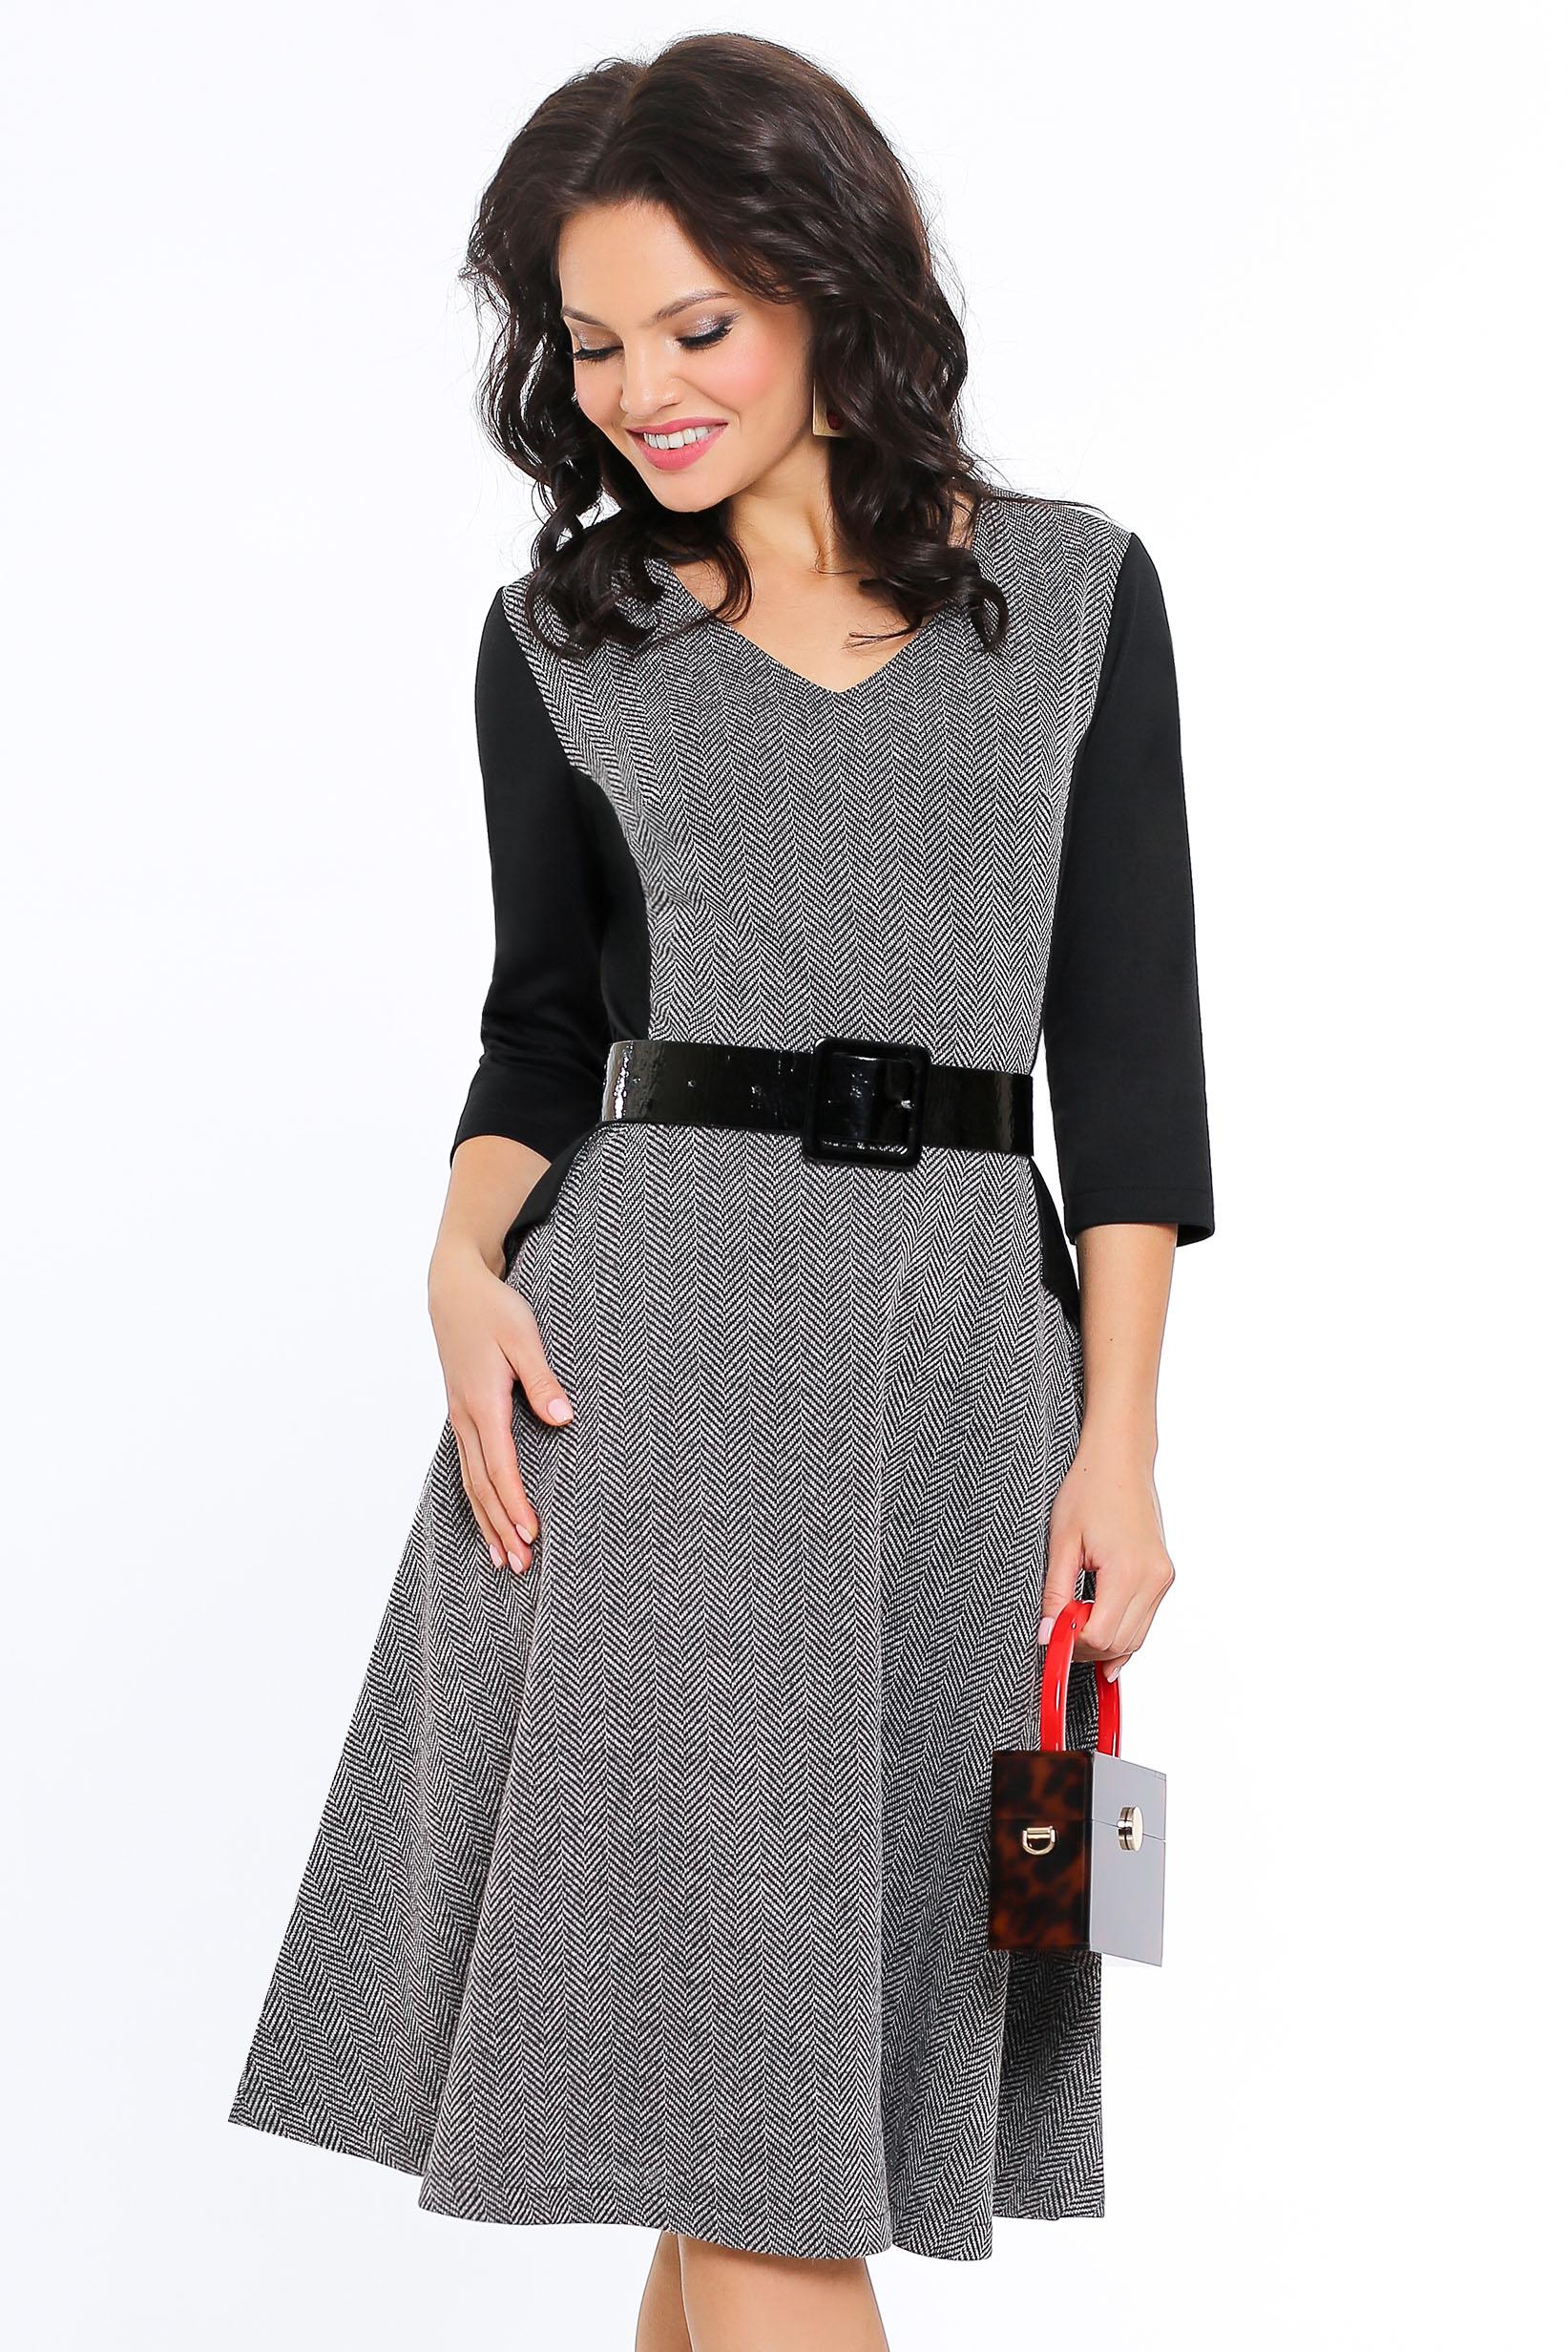 Платье женское Миллена Шарм 638 серое 54 RU